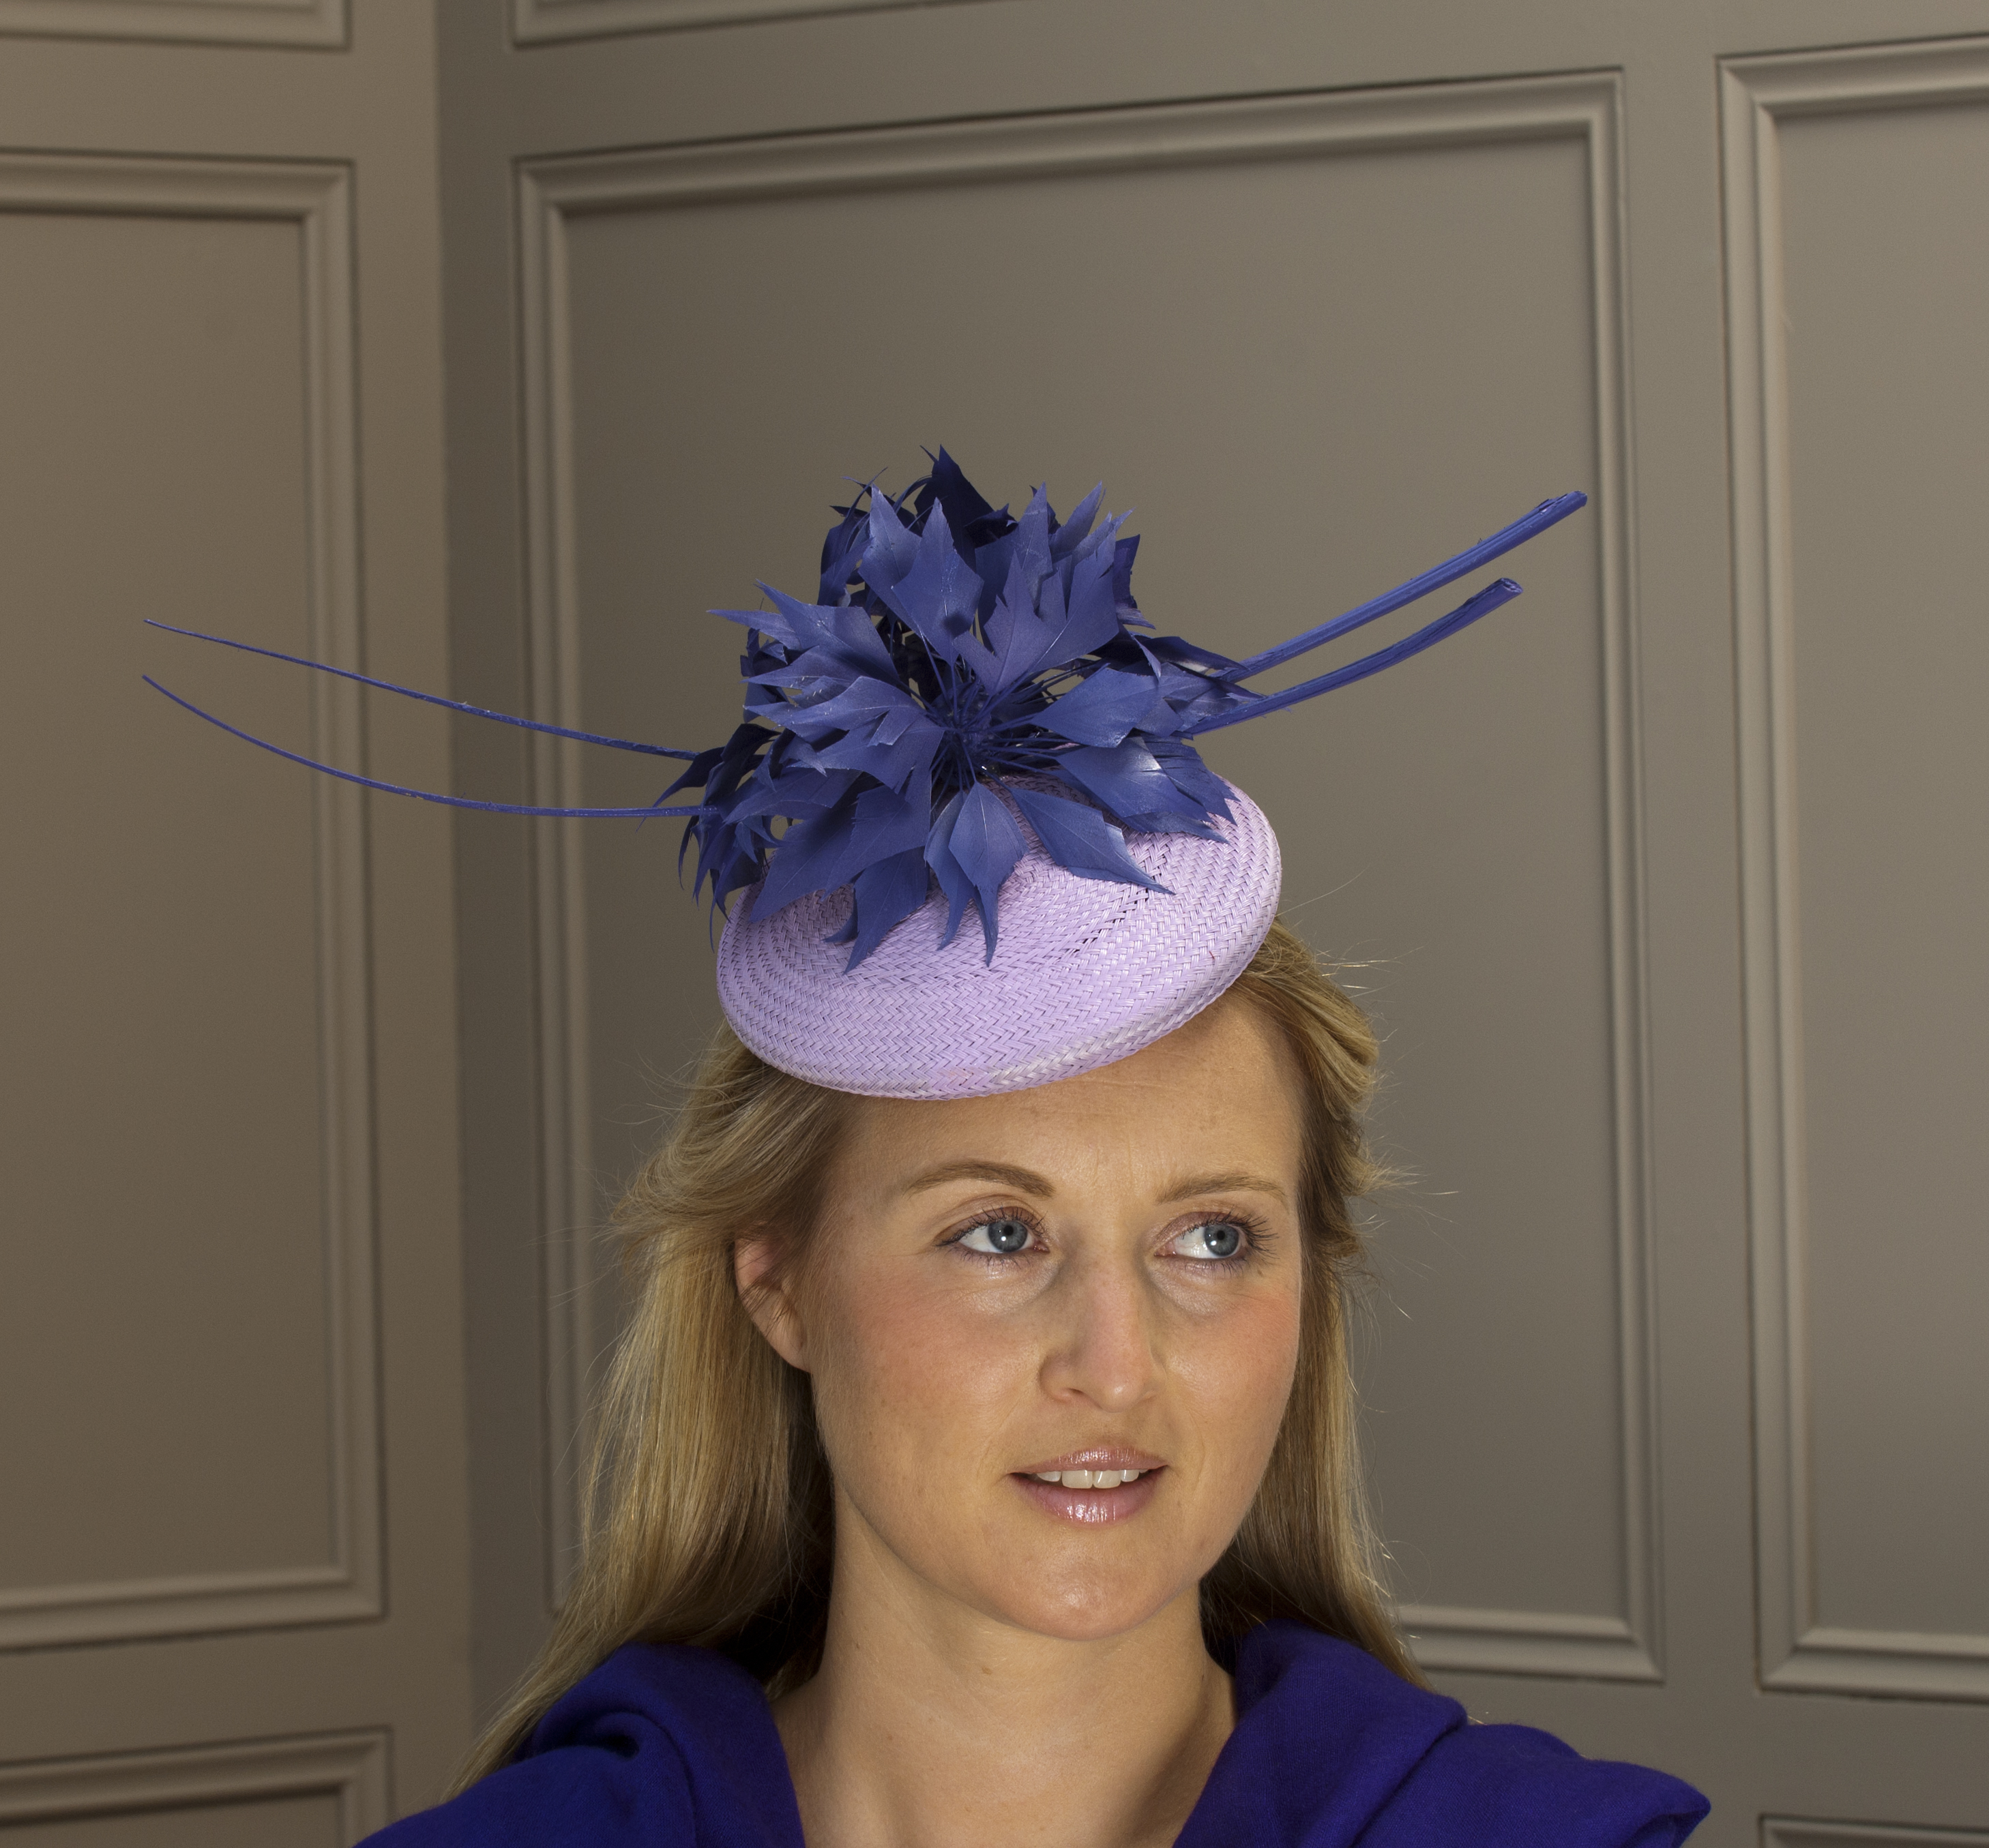 Cumbria Pillbox hat by Hostie Hats